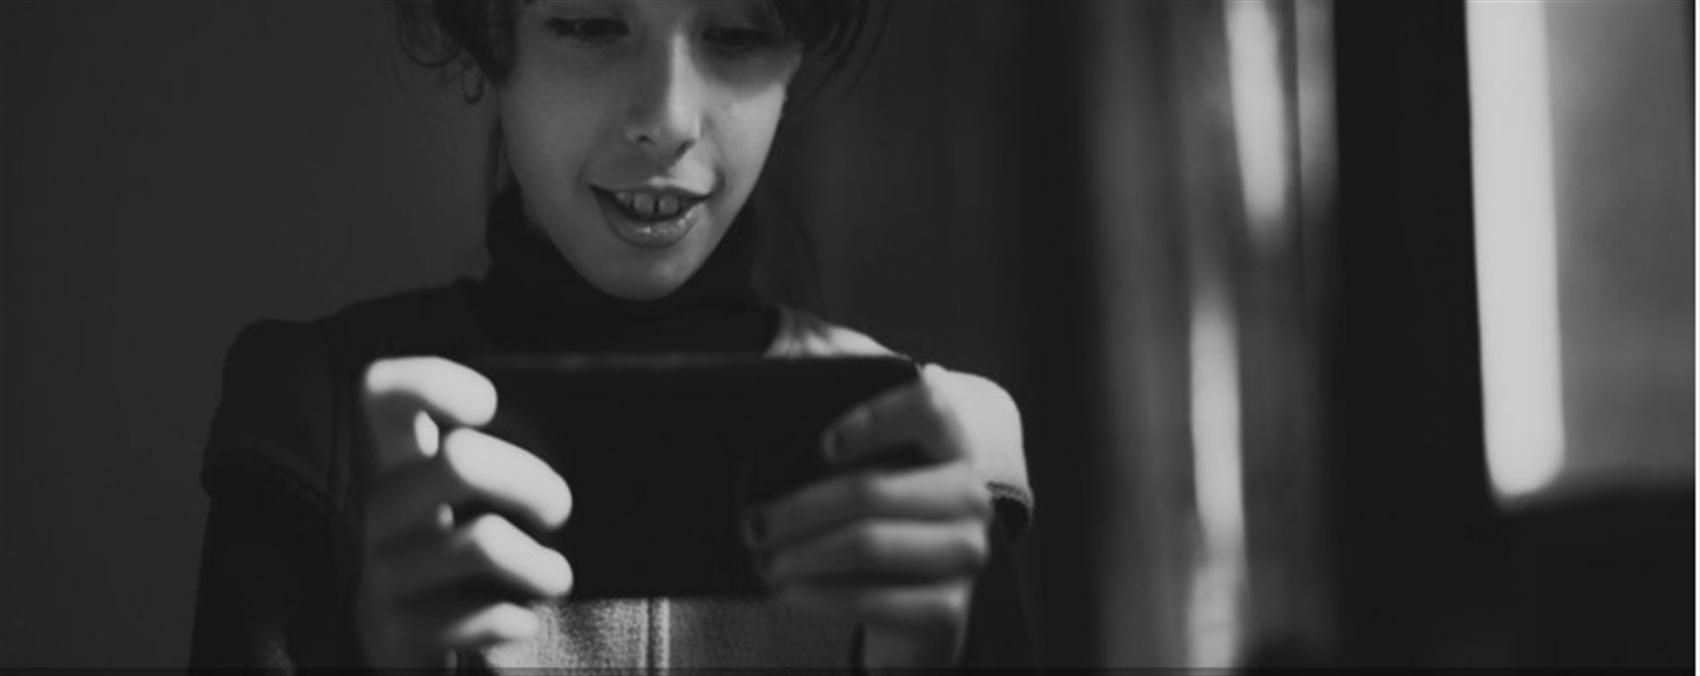 Заштита деце од онлајн ризика током пандемије вируса Ковид 19